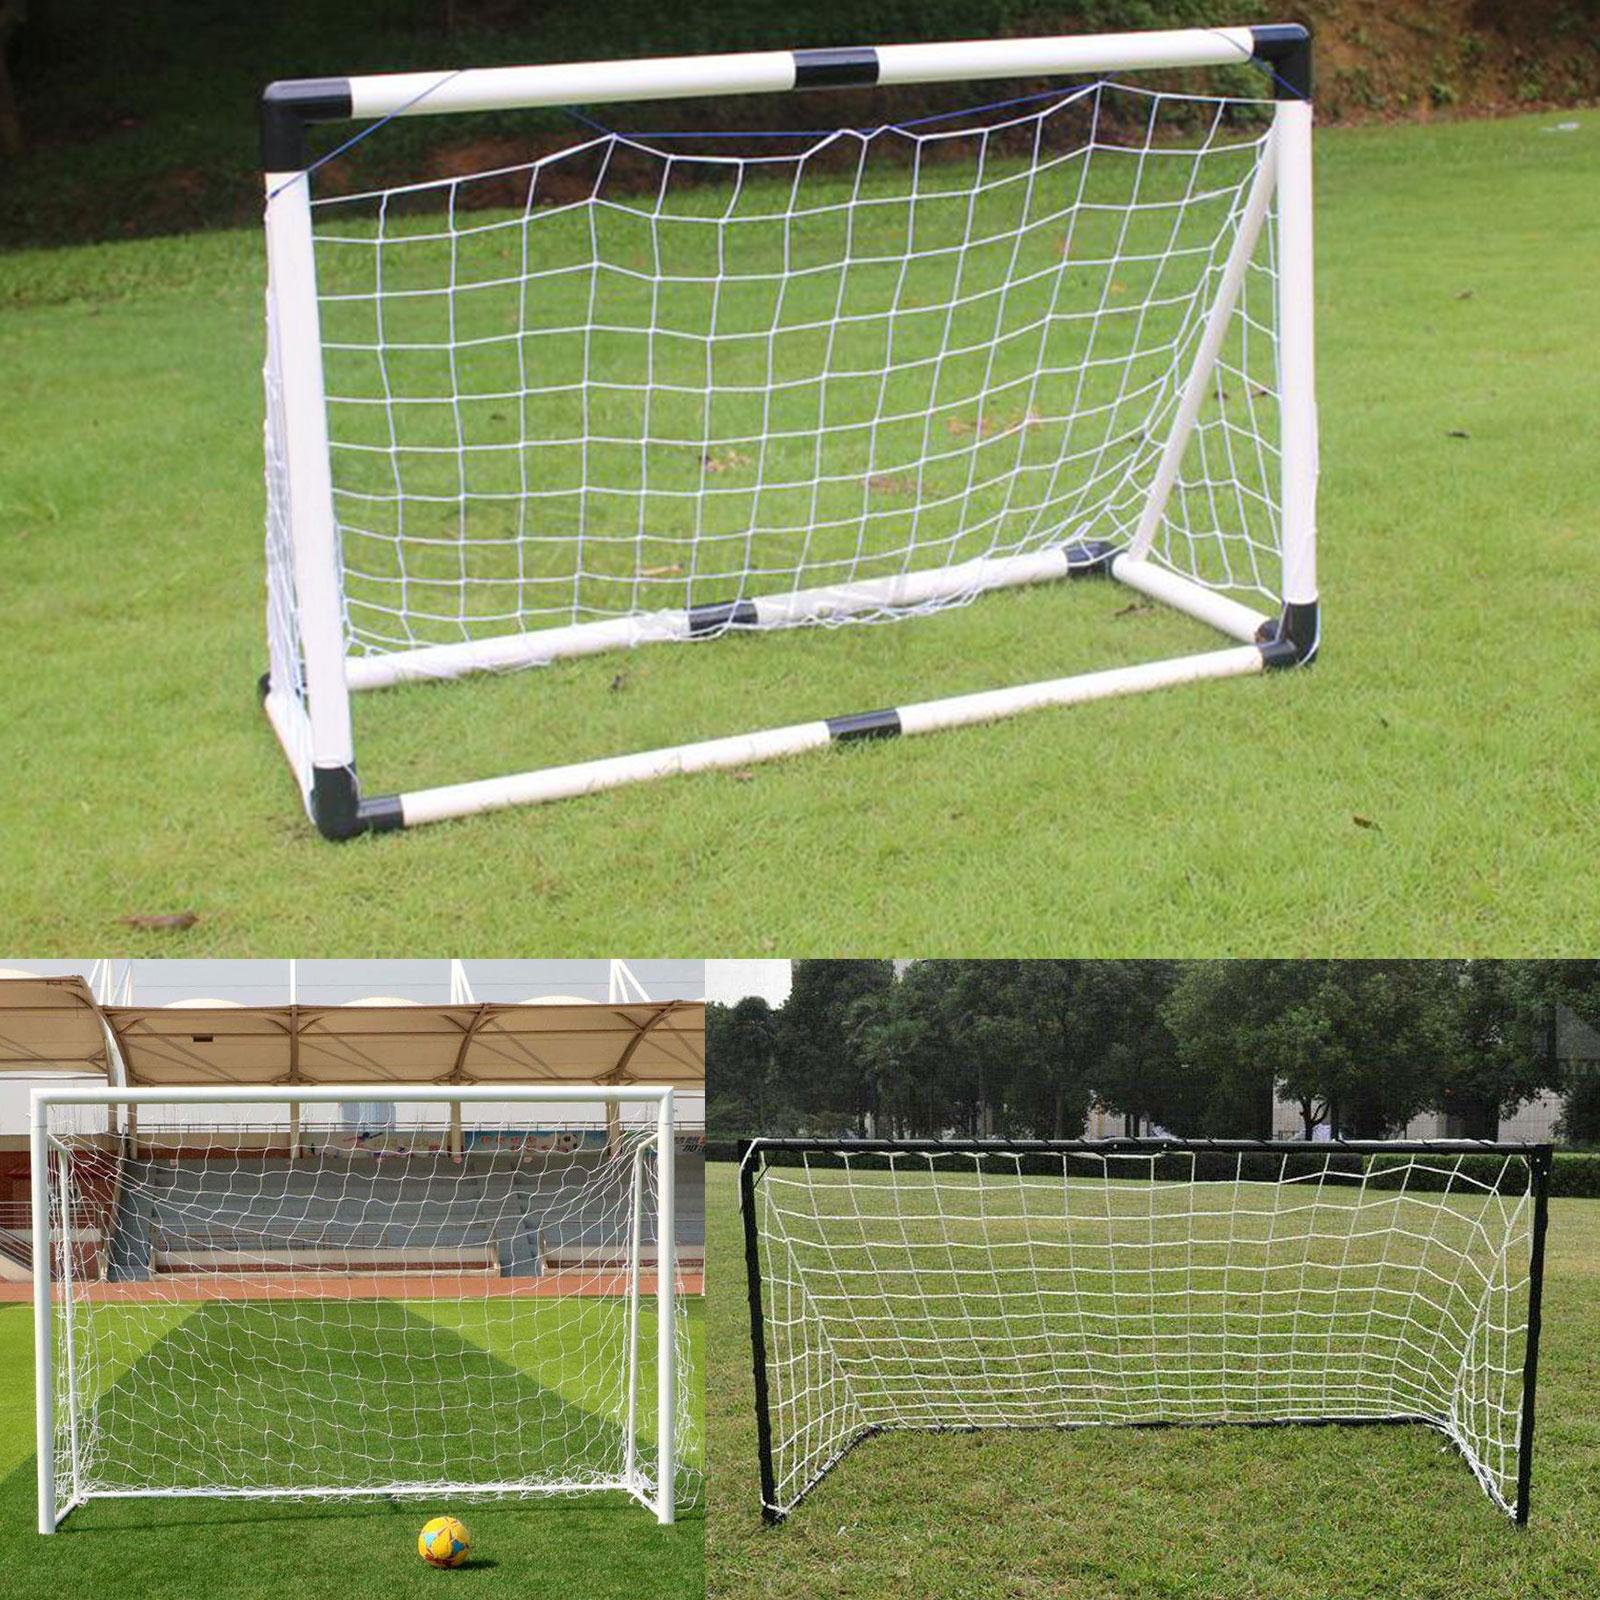 6-4ft-PE-Football-Soccer-Goal-Net-Outdoor-Backyard-Sport-Match-Training-for-Kids